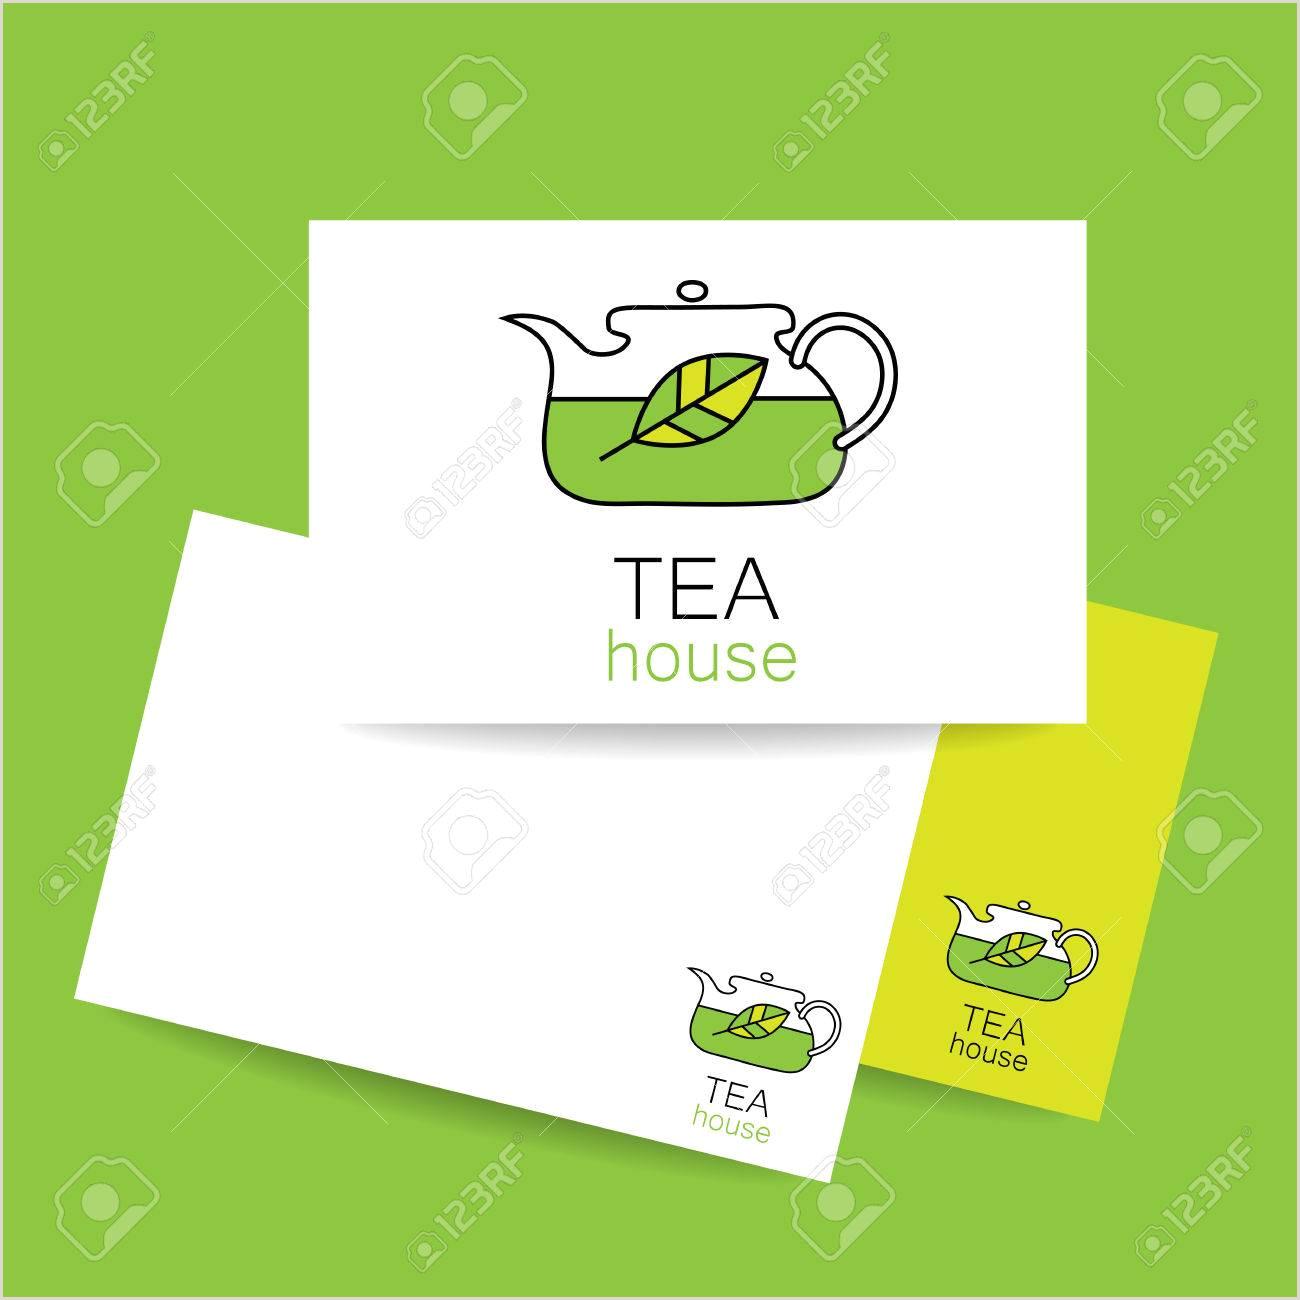 Unique Tea Shop Business Cards Tea House Concept Business Card Design For Tea Shop Restaurant